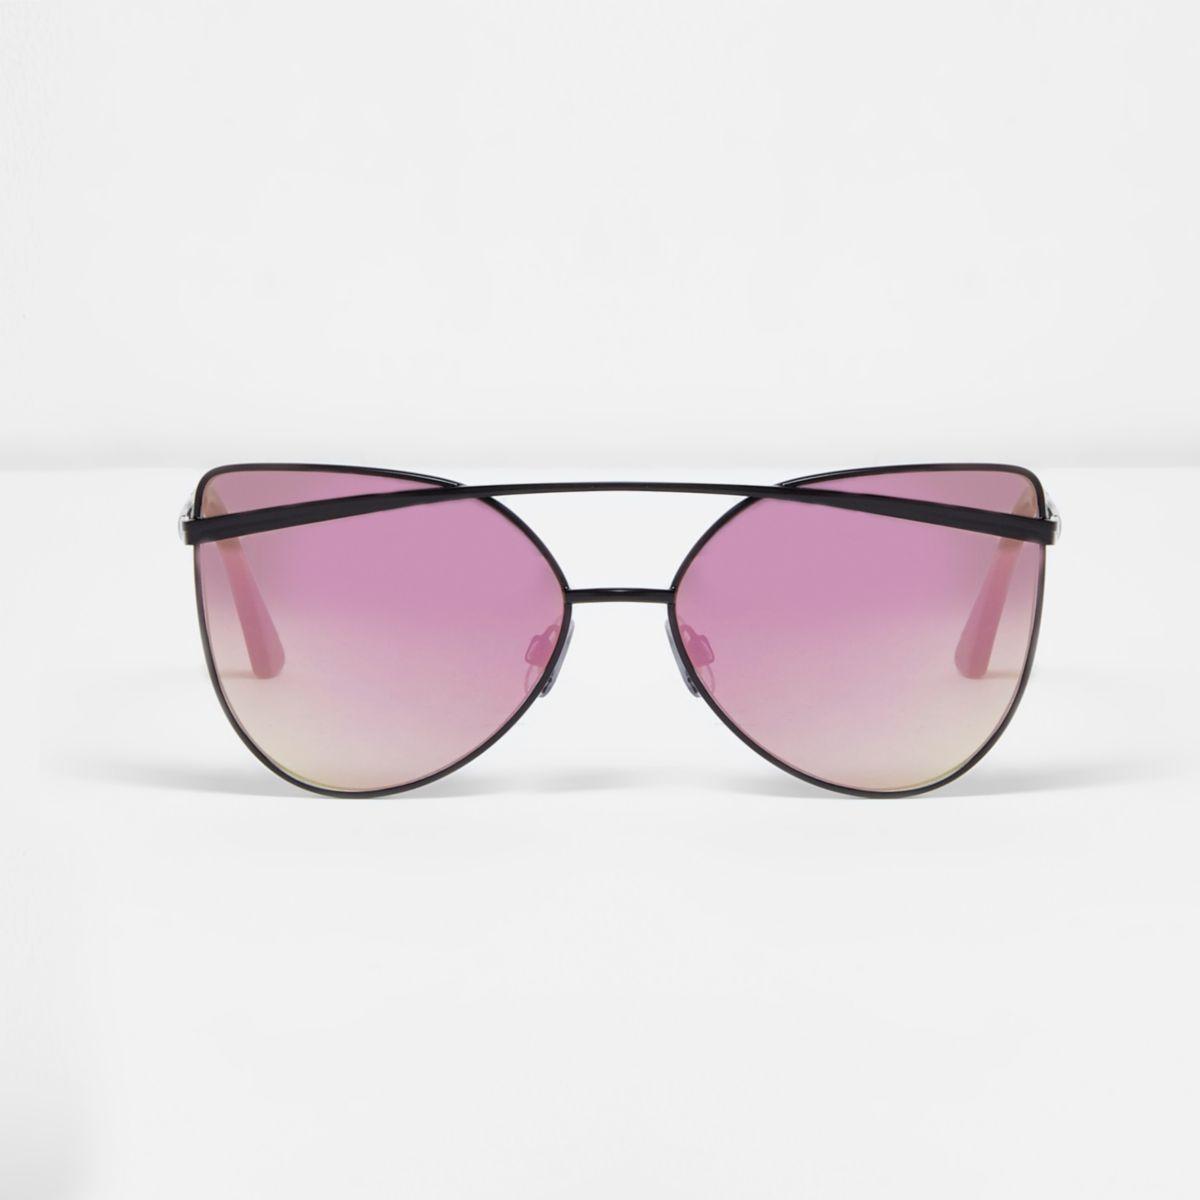 Schwarze, verspiegelte Cateye-Sonnenbrille